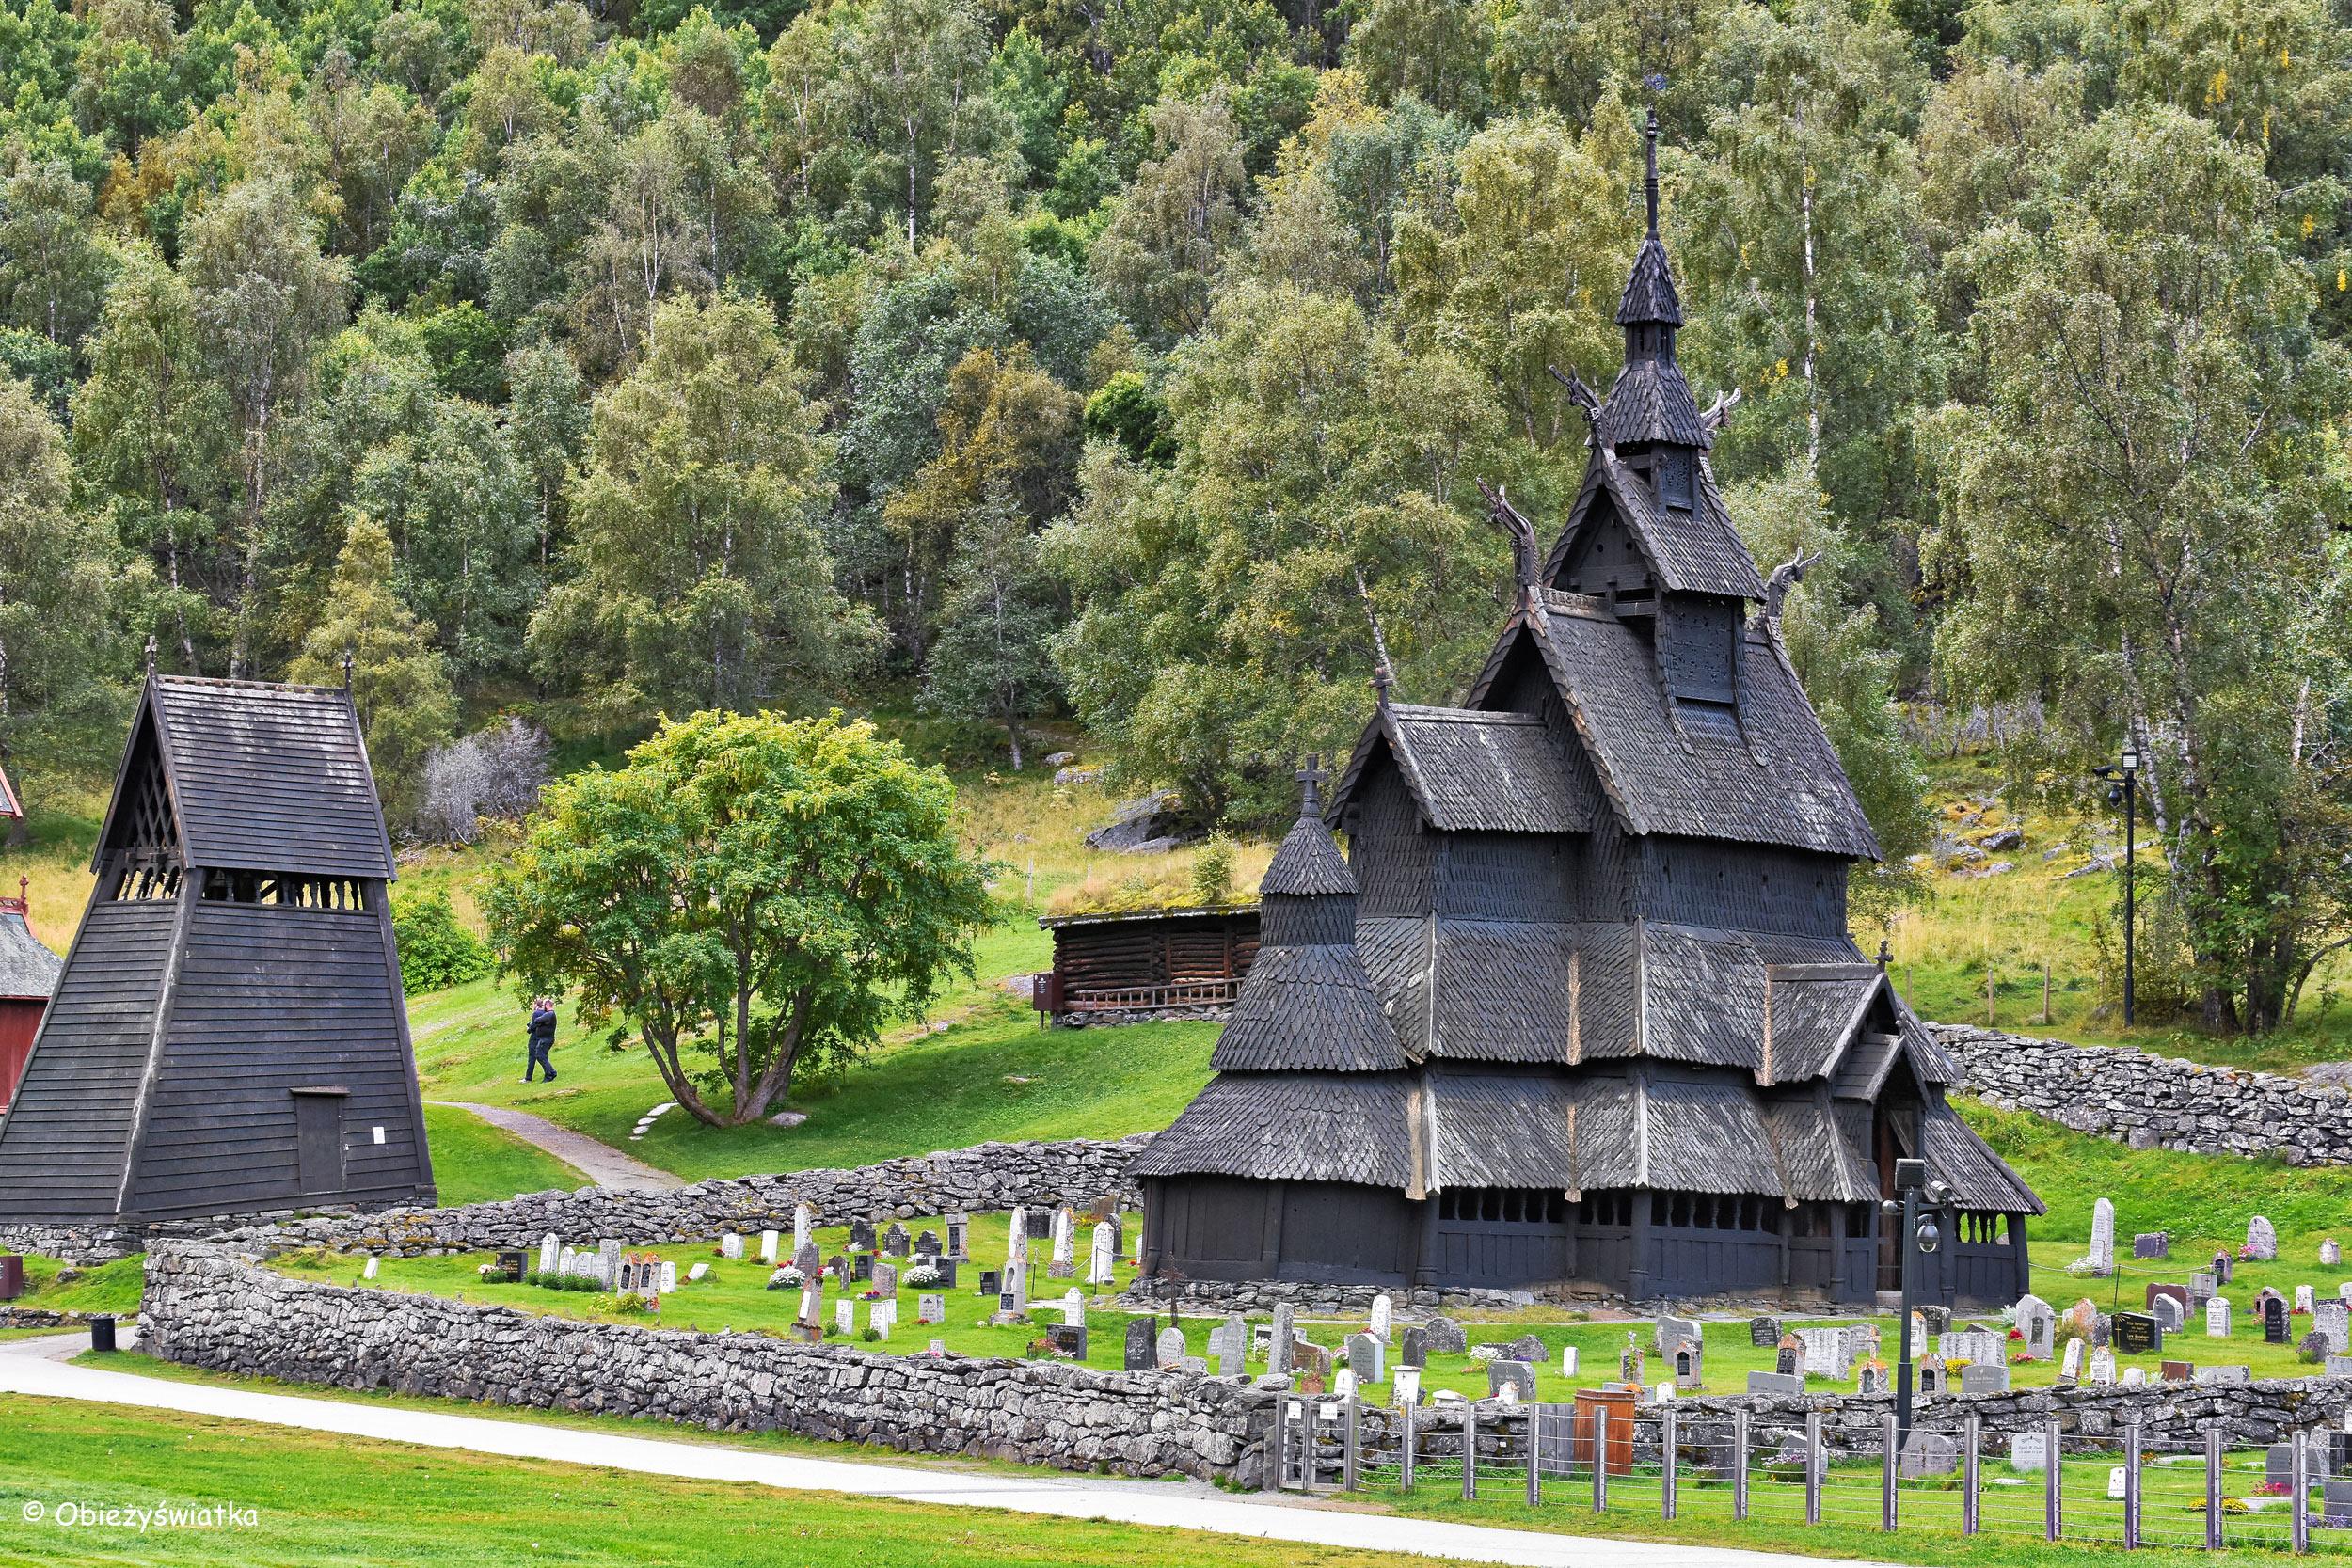 Zabytkowy kościółek klepkowy z XII. w. w Borgund, Norwegia